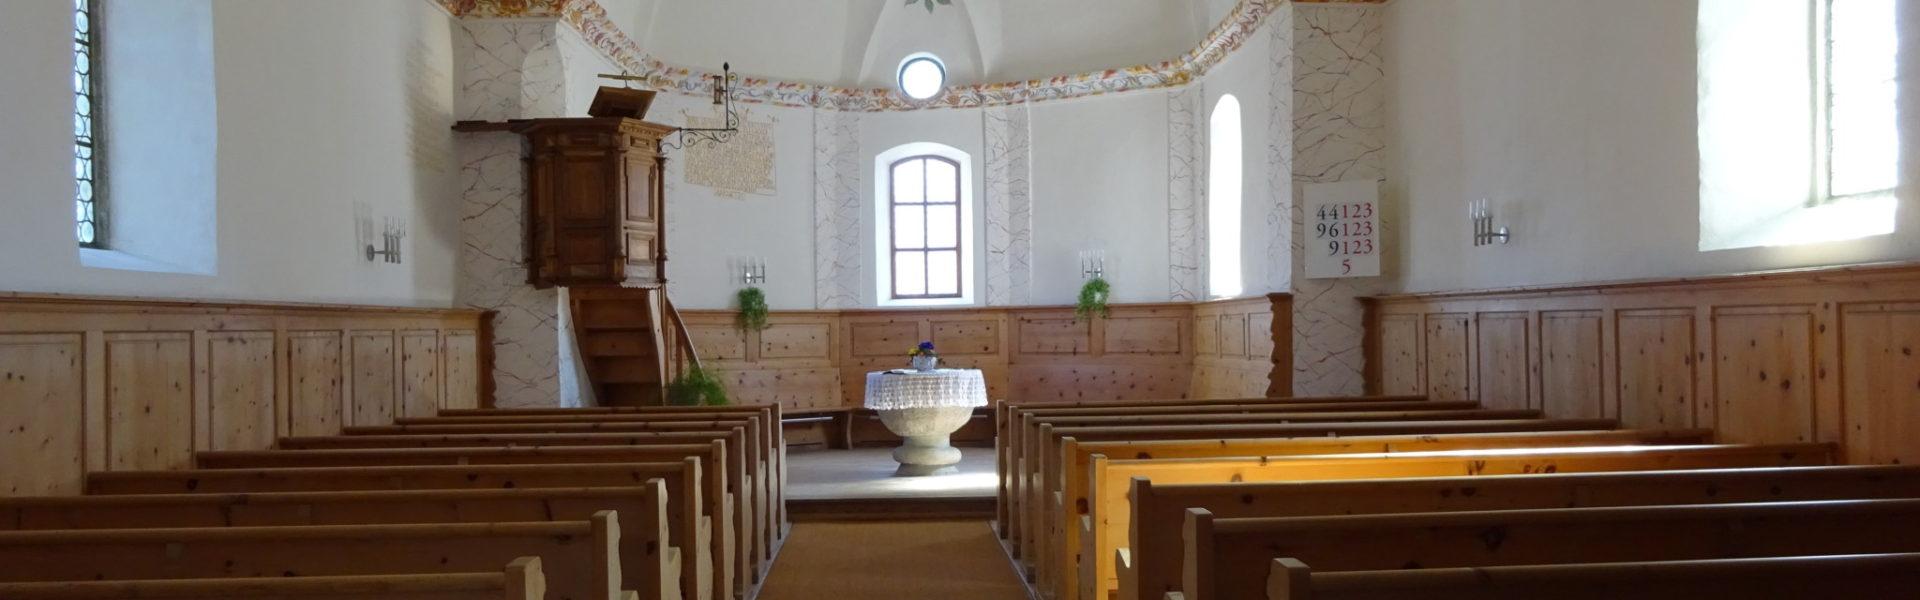 Der Taufstein in der Luvener Kirche